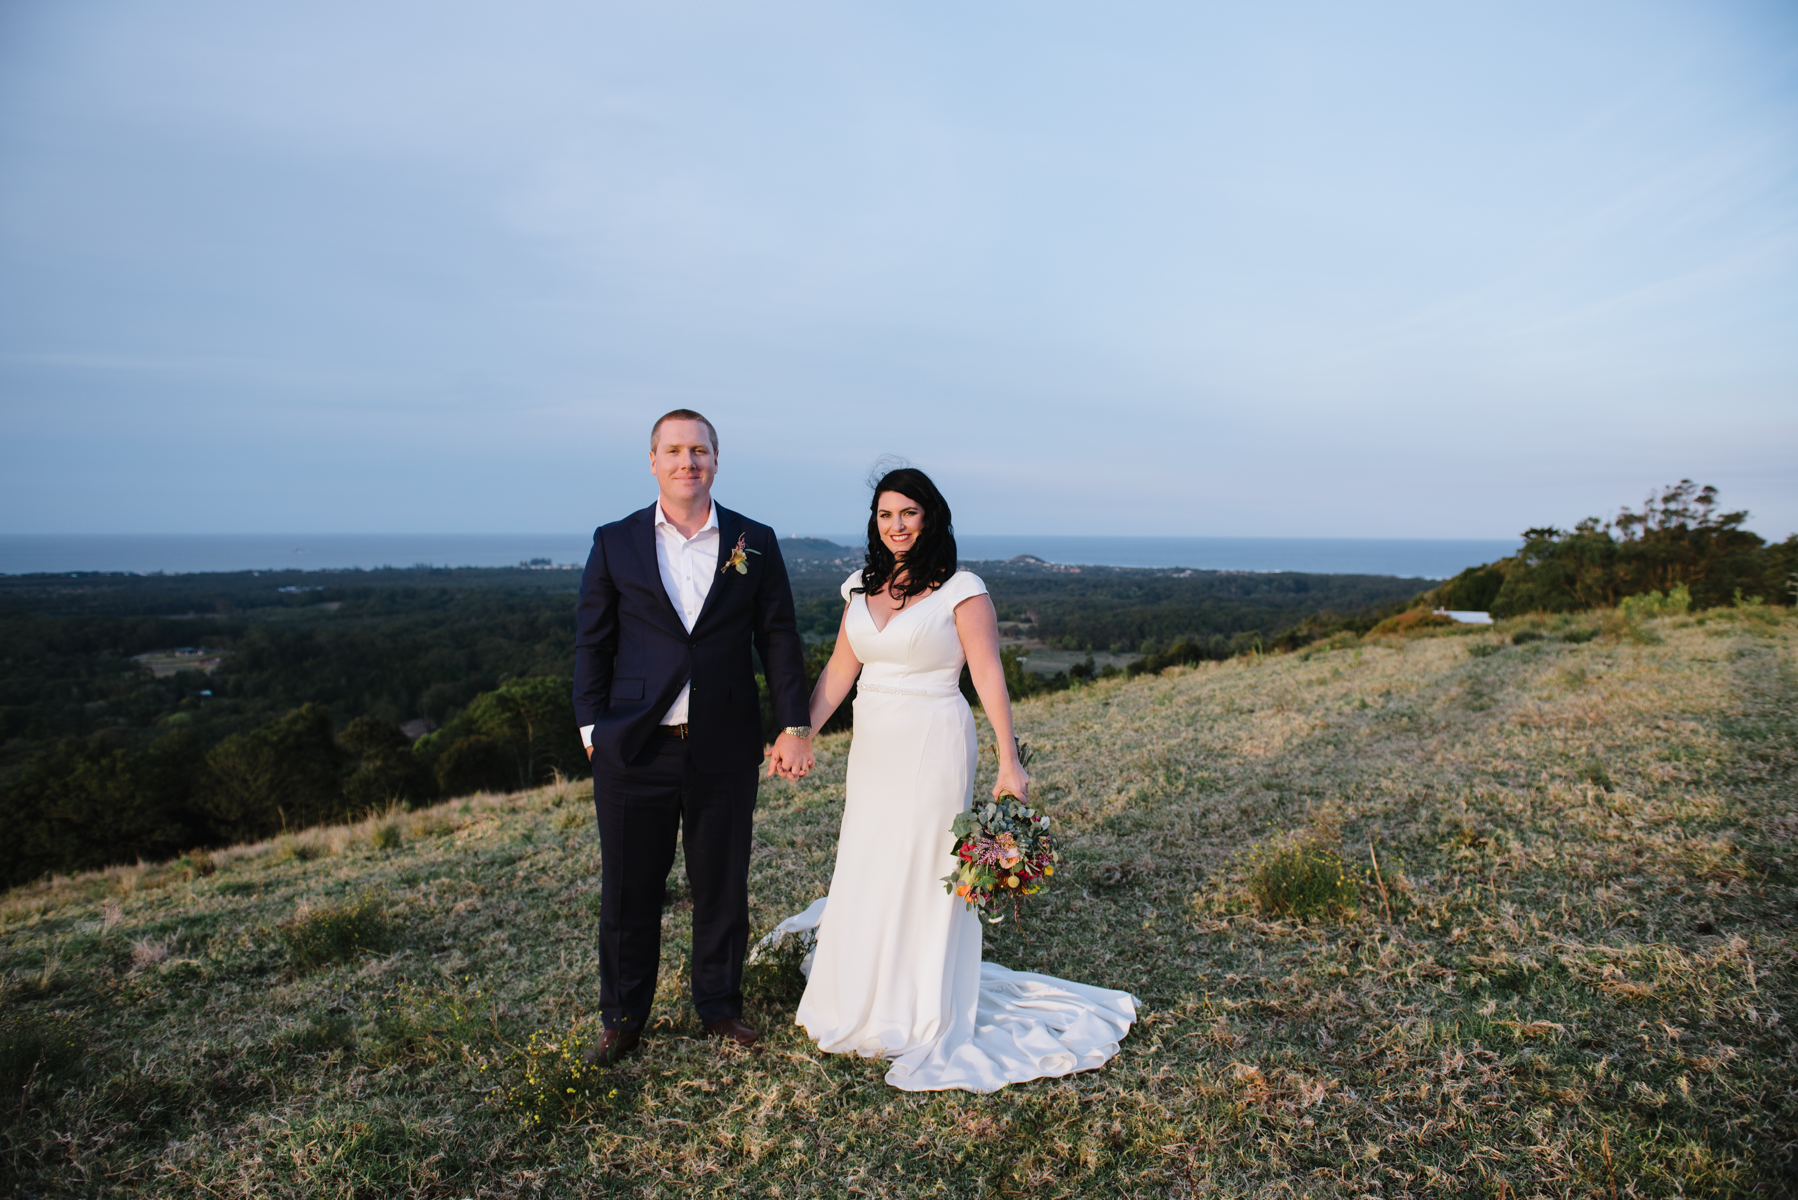 sarahandBenwedding- skyla sage photography weddings, families, byron bay,tweed coast,kingscliff,cabarita,gold coast-853.jpg